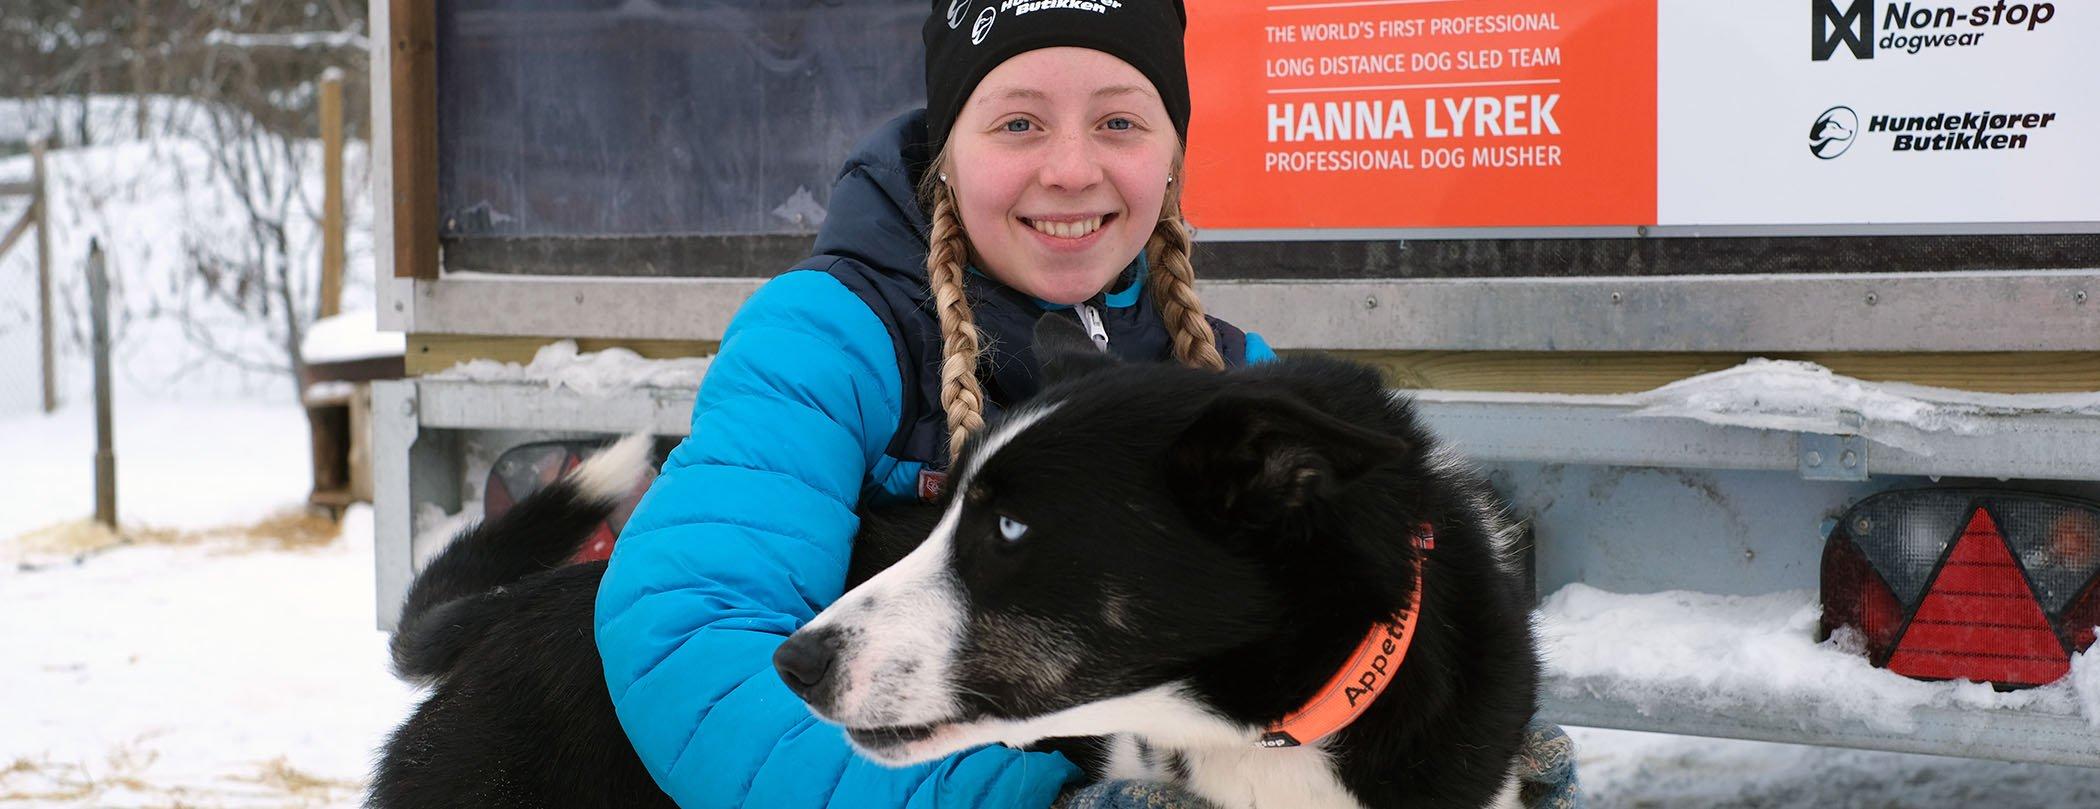 Hanna Lyrek QRILL Pet Mushing Team